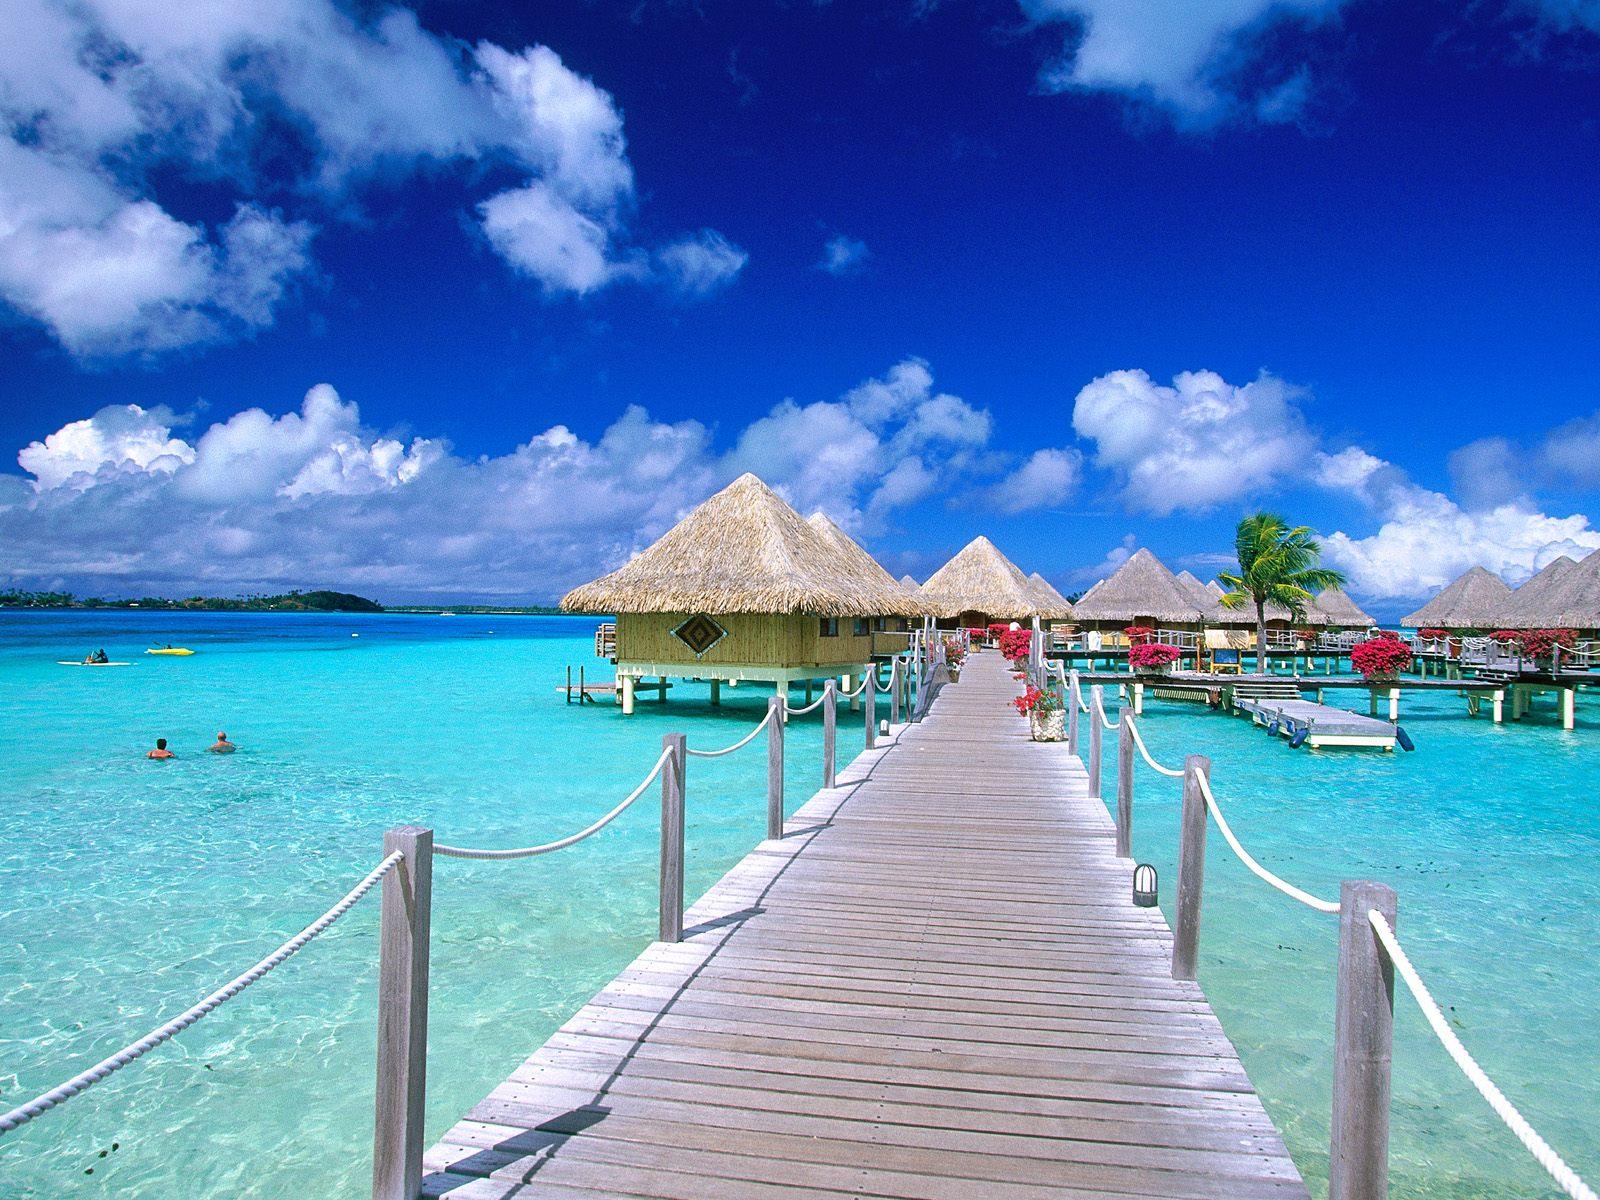 http://4.bp.blogspot.com/-2GqwDNf8VtA/TqfO2lQDnOI/AAAAAAAADdk/m_Up6k_b6Xs/s1600/Matira_Point_Bora_Bora_French_Polynesia.jpg